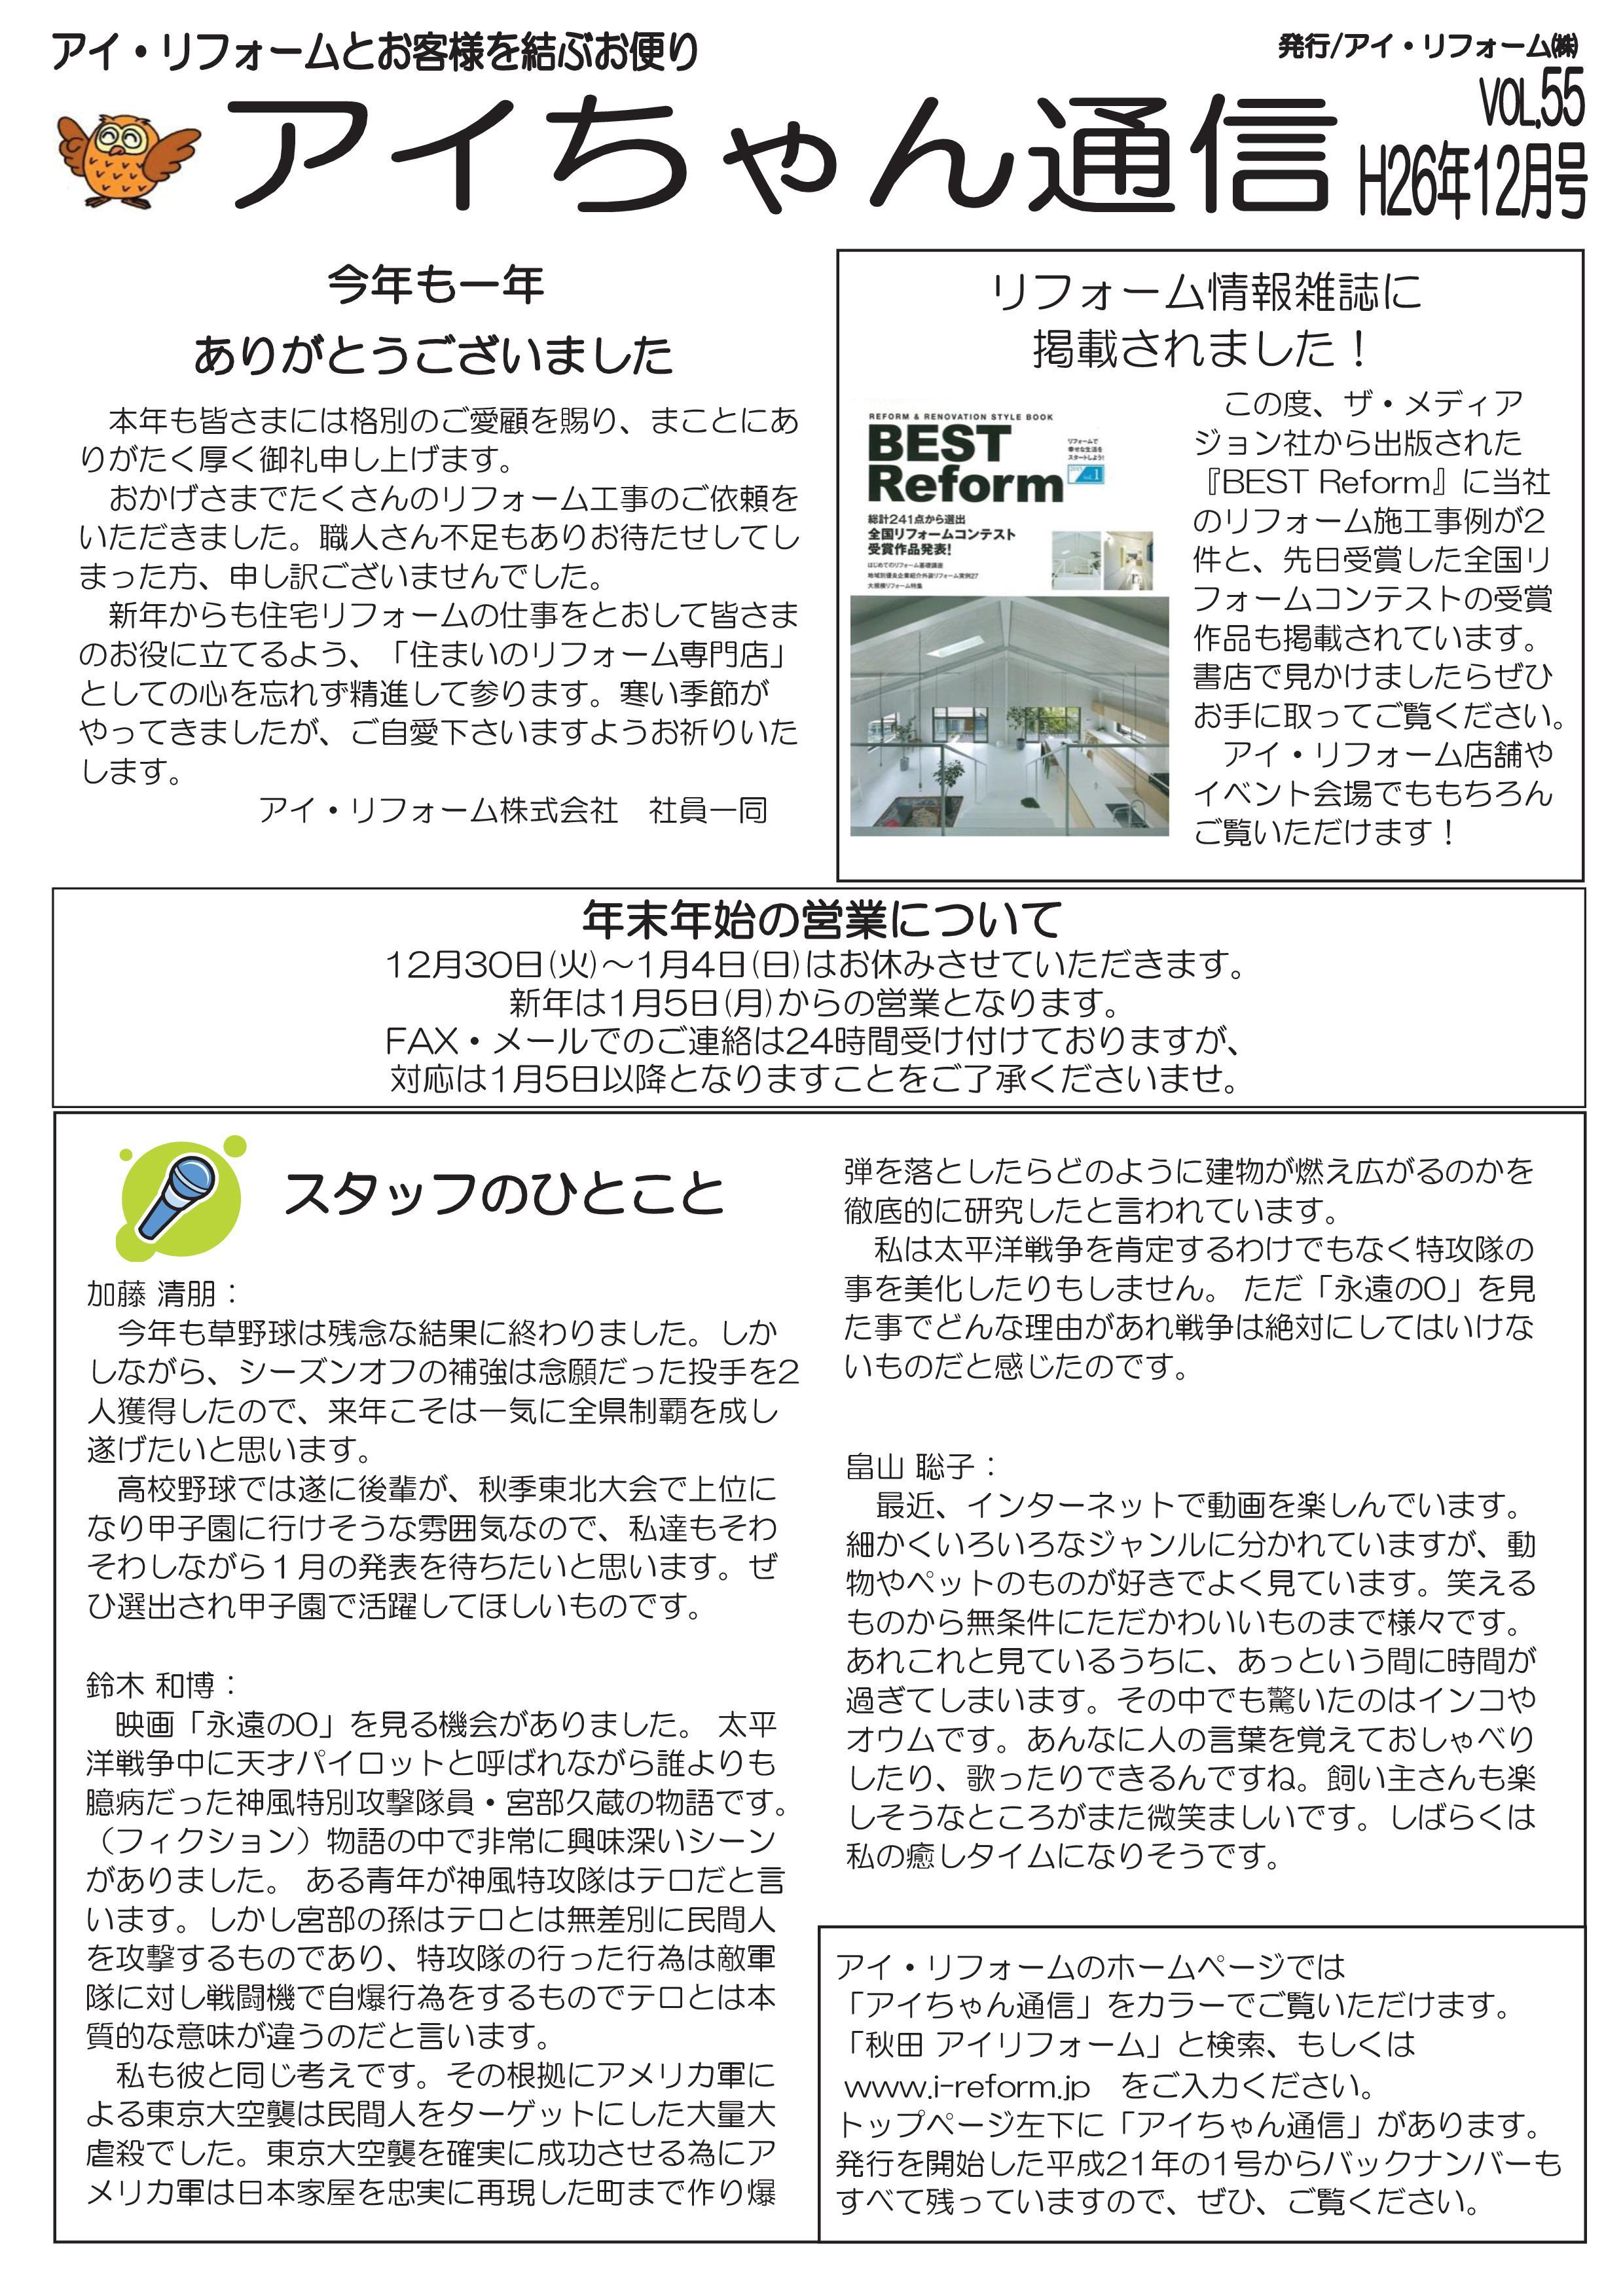 ニュースレター55 H26-12-001